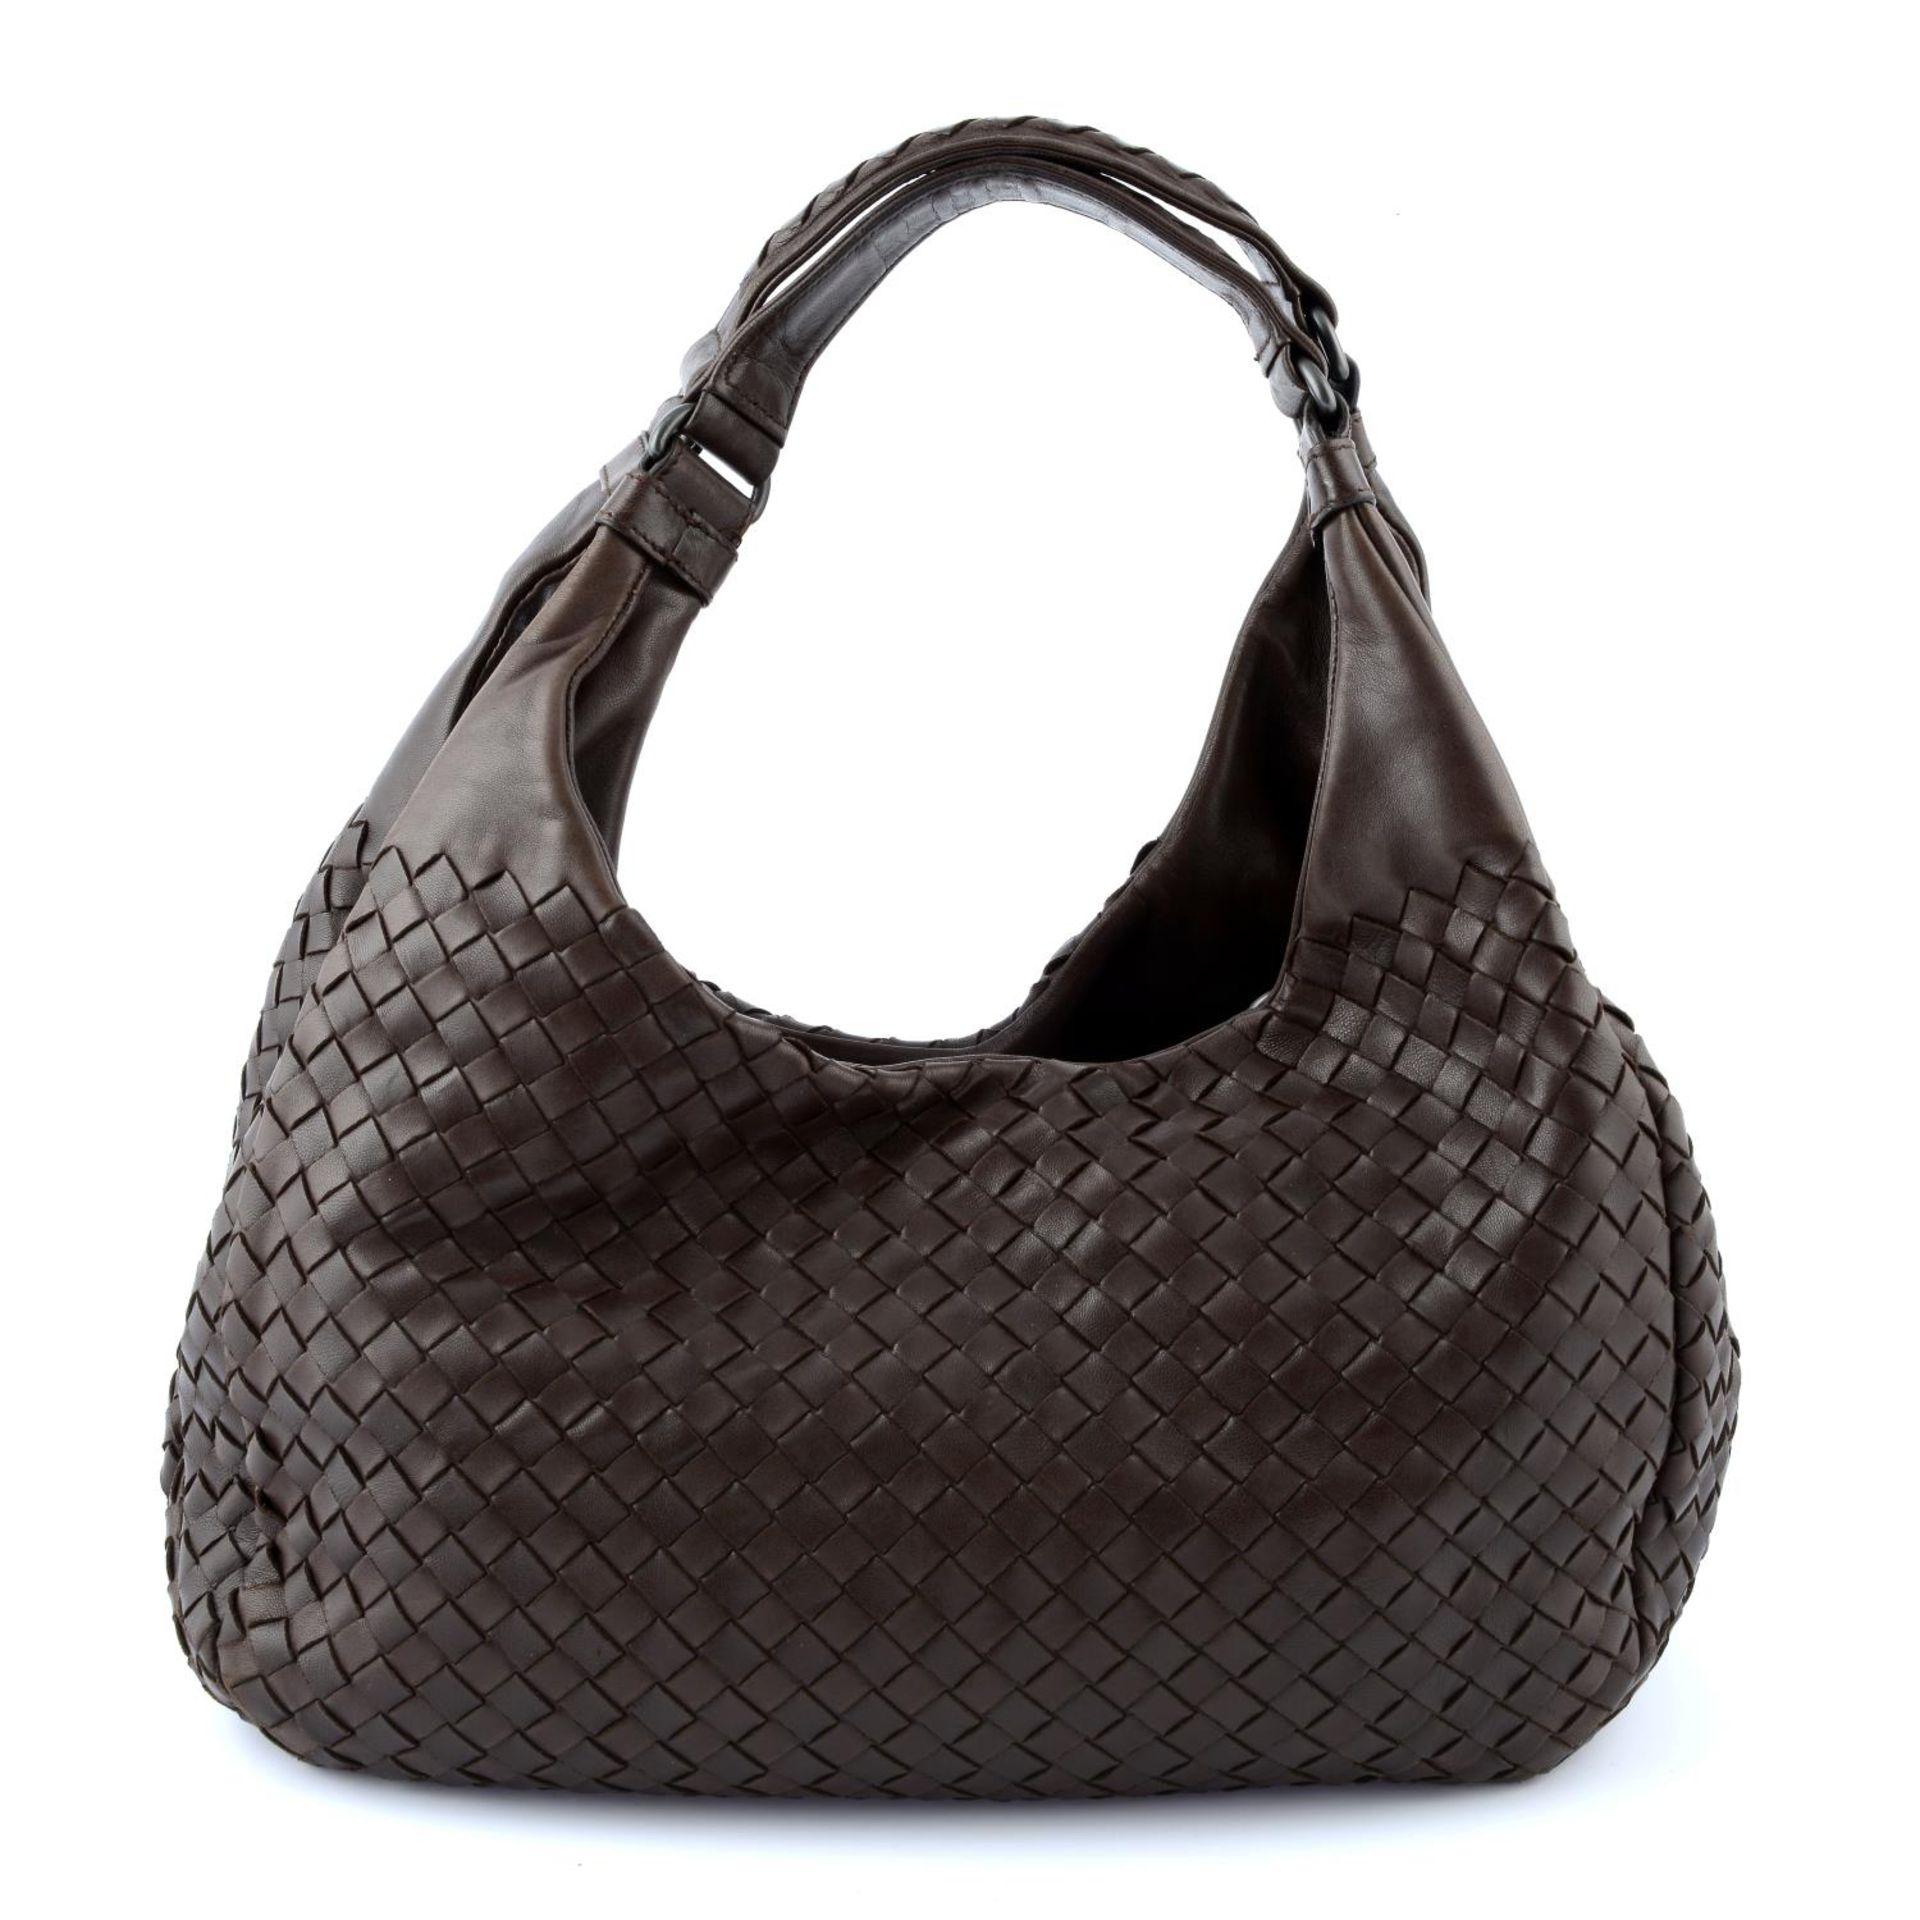 BOTTEGA VENETA - a woven leather Campana hobo handbag. - Image 2 of 6